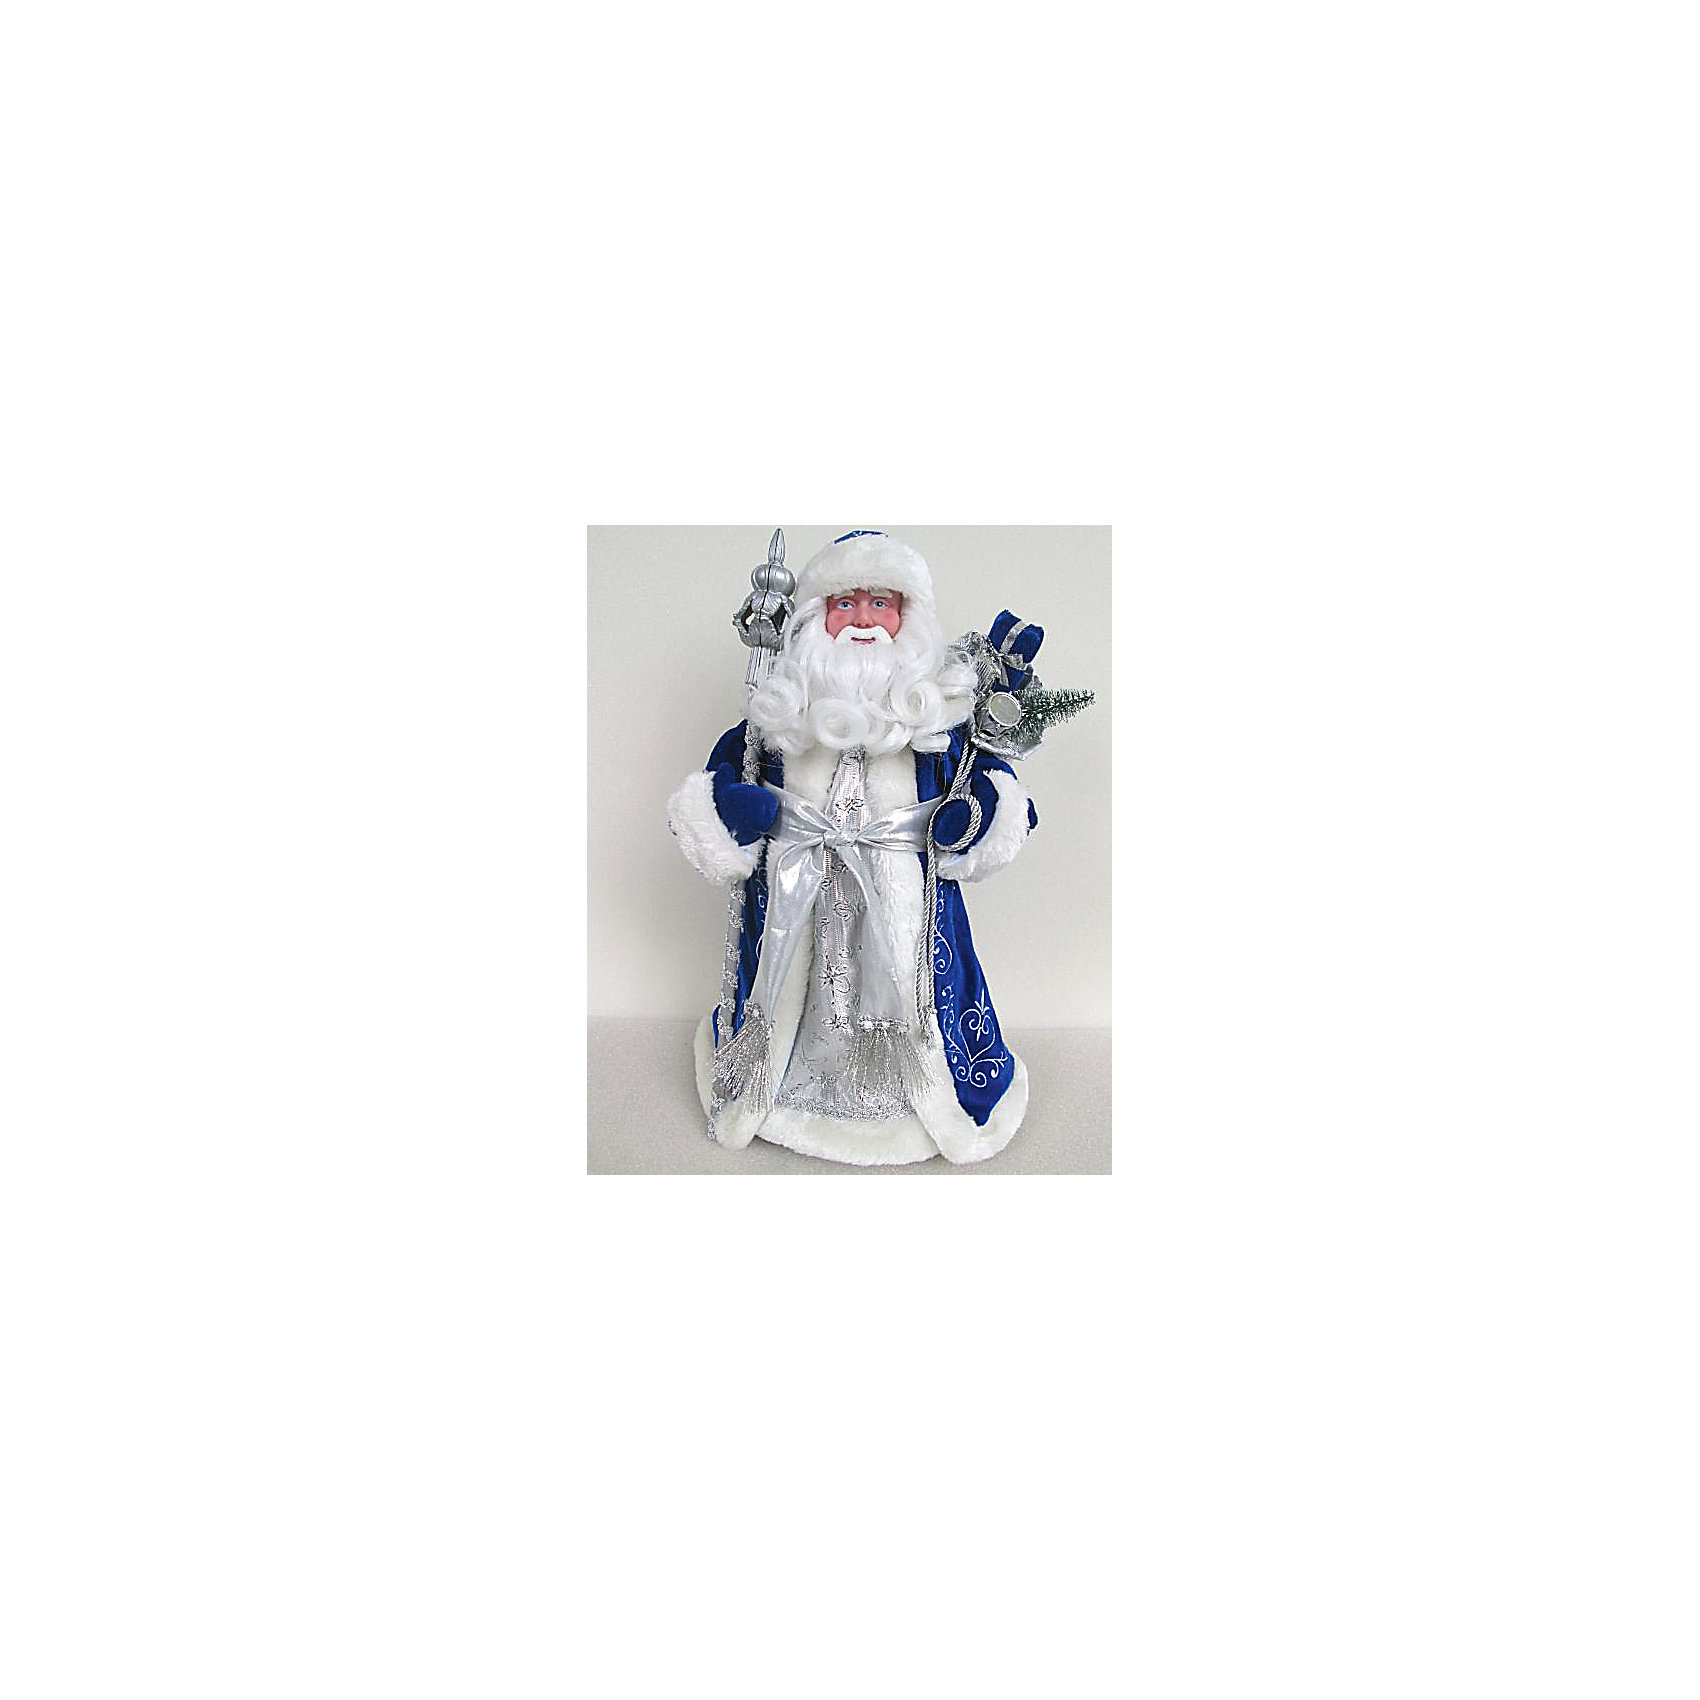 Фигурка Дед Мороз в синем костюмеФигурка Дед Мороз в синем костюме, Феникс-Презент, станет замечательным украшением Вашего новогоднего интерьера и приятным сувениром для родных и друзей. Невозможно представить себе новогодние праздники без Деда Мороз, добрый дедушка с длинной белой бородой одет в традиционный кафтан синего цвета с меховой отделкой и серебристым поясом, в руках он держит свой волшебный посох. Поставленная под елку, фигурка Деда Мороза порадует и взрослых и детей и поможет создать волшебную атмосферу новогодних праздников.<br><br>Дополнительная информация:<br><br>- Материал: пластик, текстиль. <br>- Размер фигурки: 30 см.<br>- Размер упаковки: 32 x 15 x 15 см.<br><br>Фигурку Дед Мороз в синем костюме, Феникс-Презент, можно купить в нашем интернет-магазине.<br><br>Ширина мм: 320<br>Глубина мм: 150<br>Высота мм: 150<br>Вес г: 100<br>Возраст от месяцев: 36<br>Возраст до месяцев: 2147483647<br>Пол: Унисекс<br>Возраст: Детский<br>SKU: 4276567